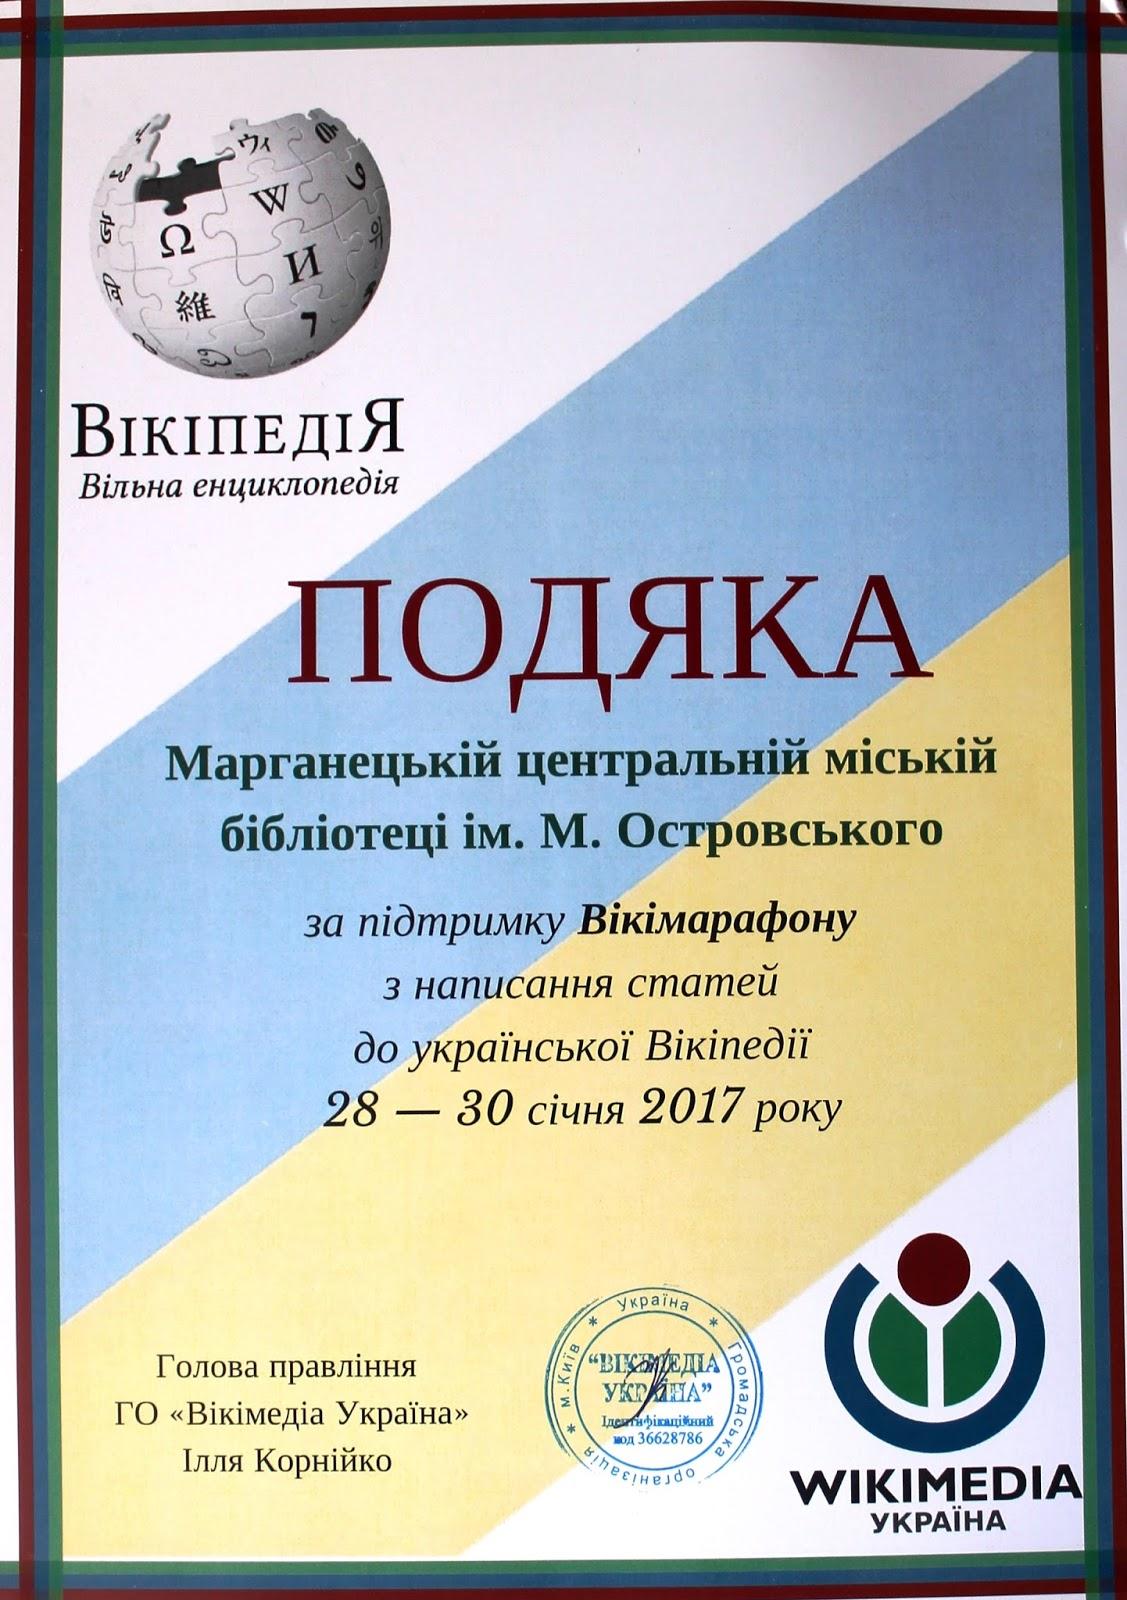 Подяка від Вікіпедії